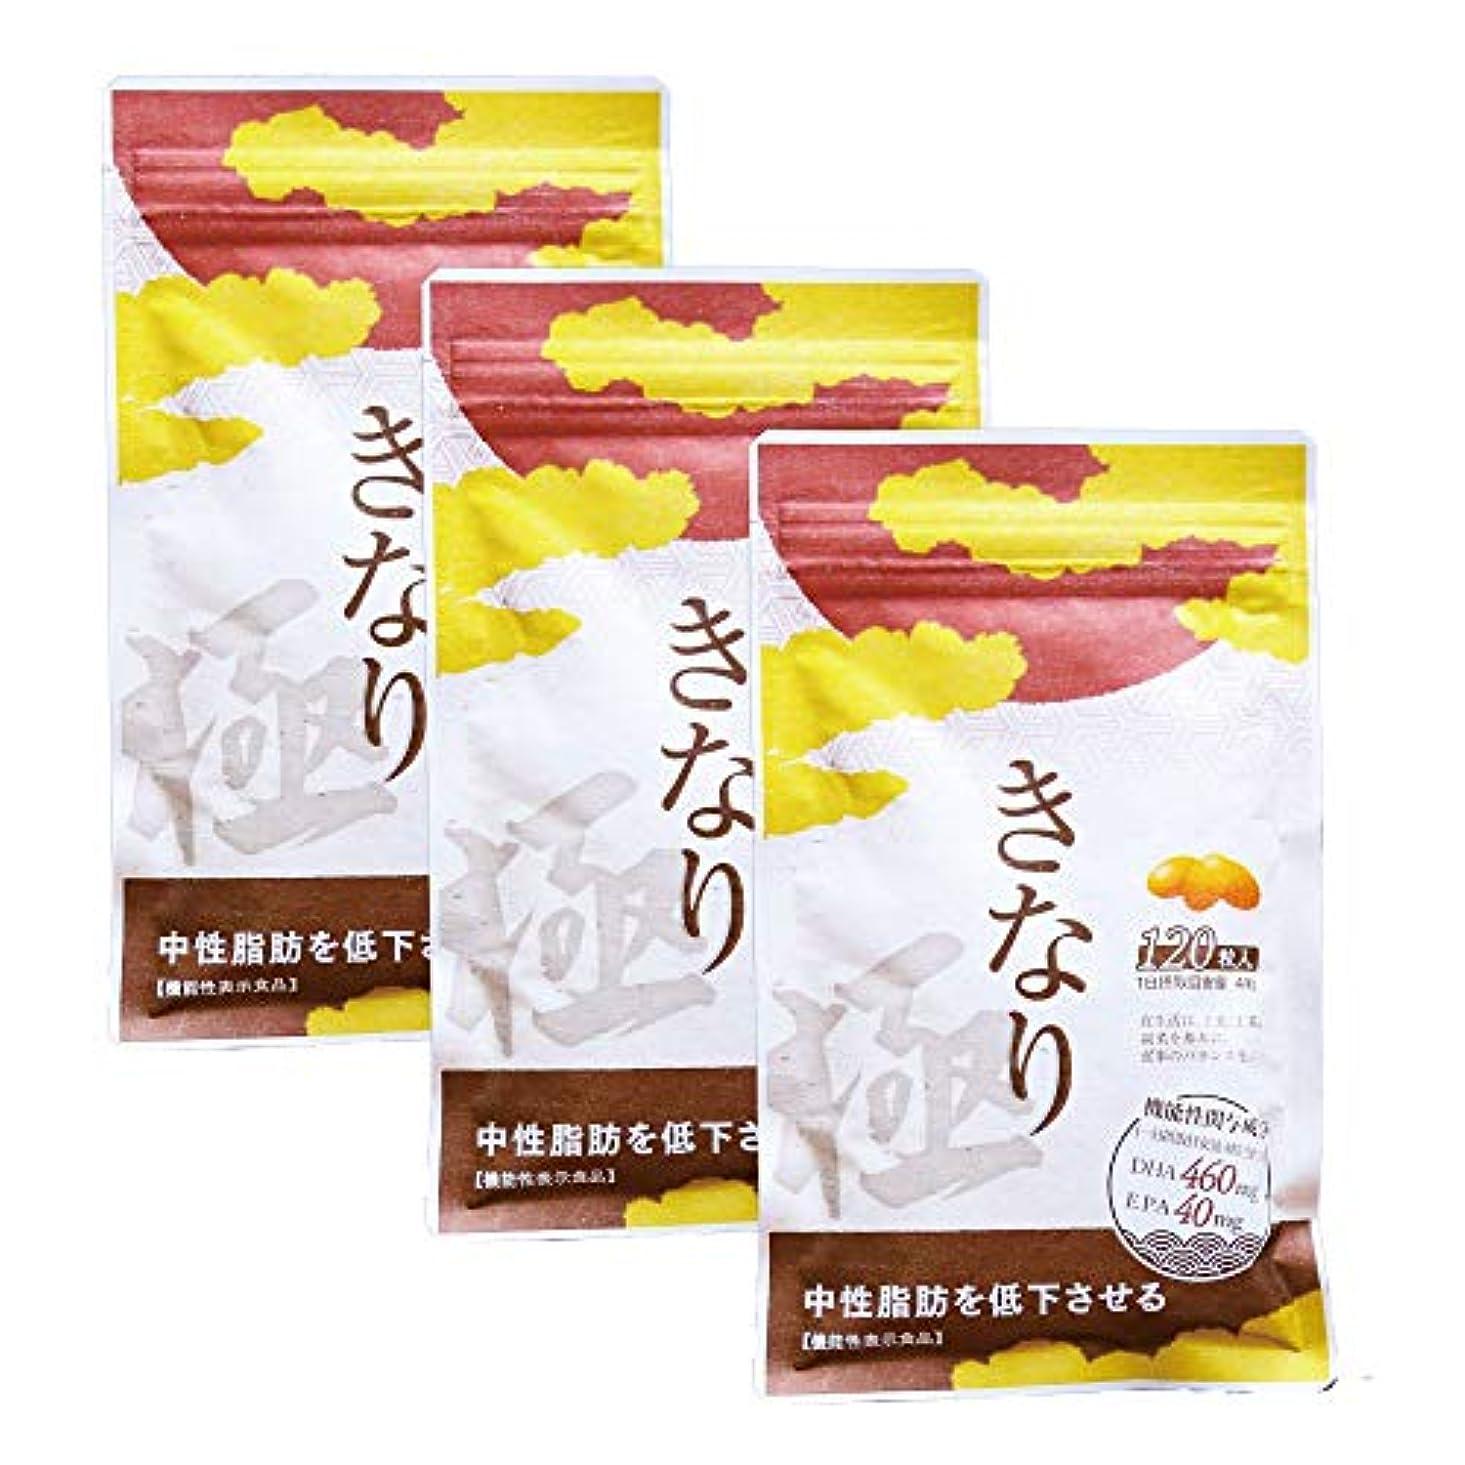 先に懇願する流暢さくらの森 きなり極 中性脂肪を低下させる 【機能性表示食品】 国産DHA?EPAサプリメント 3袋セット